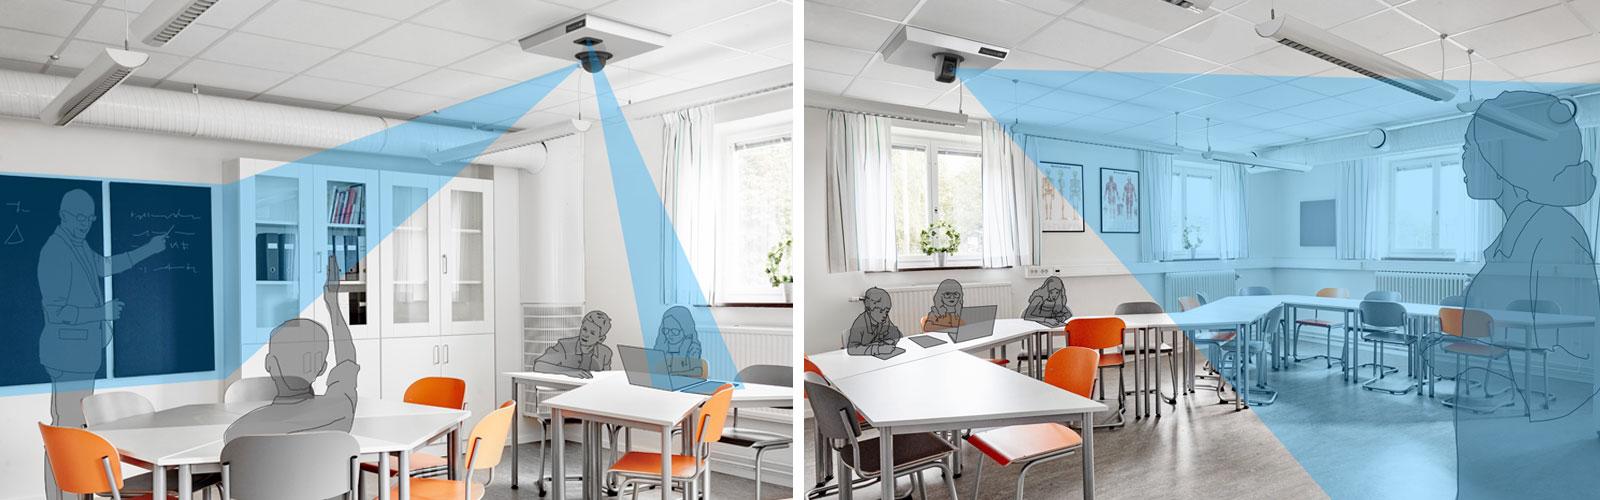 MagniLink AIR: To klasseværelsesbilleder, der viser, hvordan MagniLink AIR Uno og Duo bruges i et klasseværelse til at hjælpe elever med synsnedsættelse.